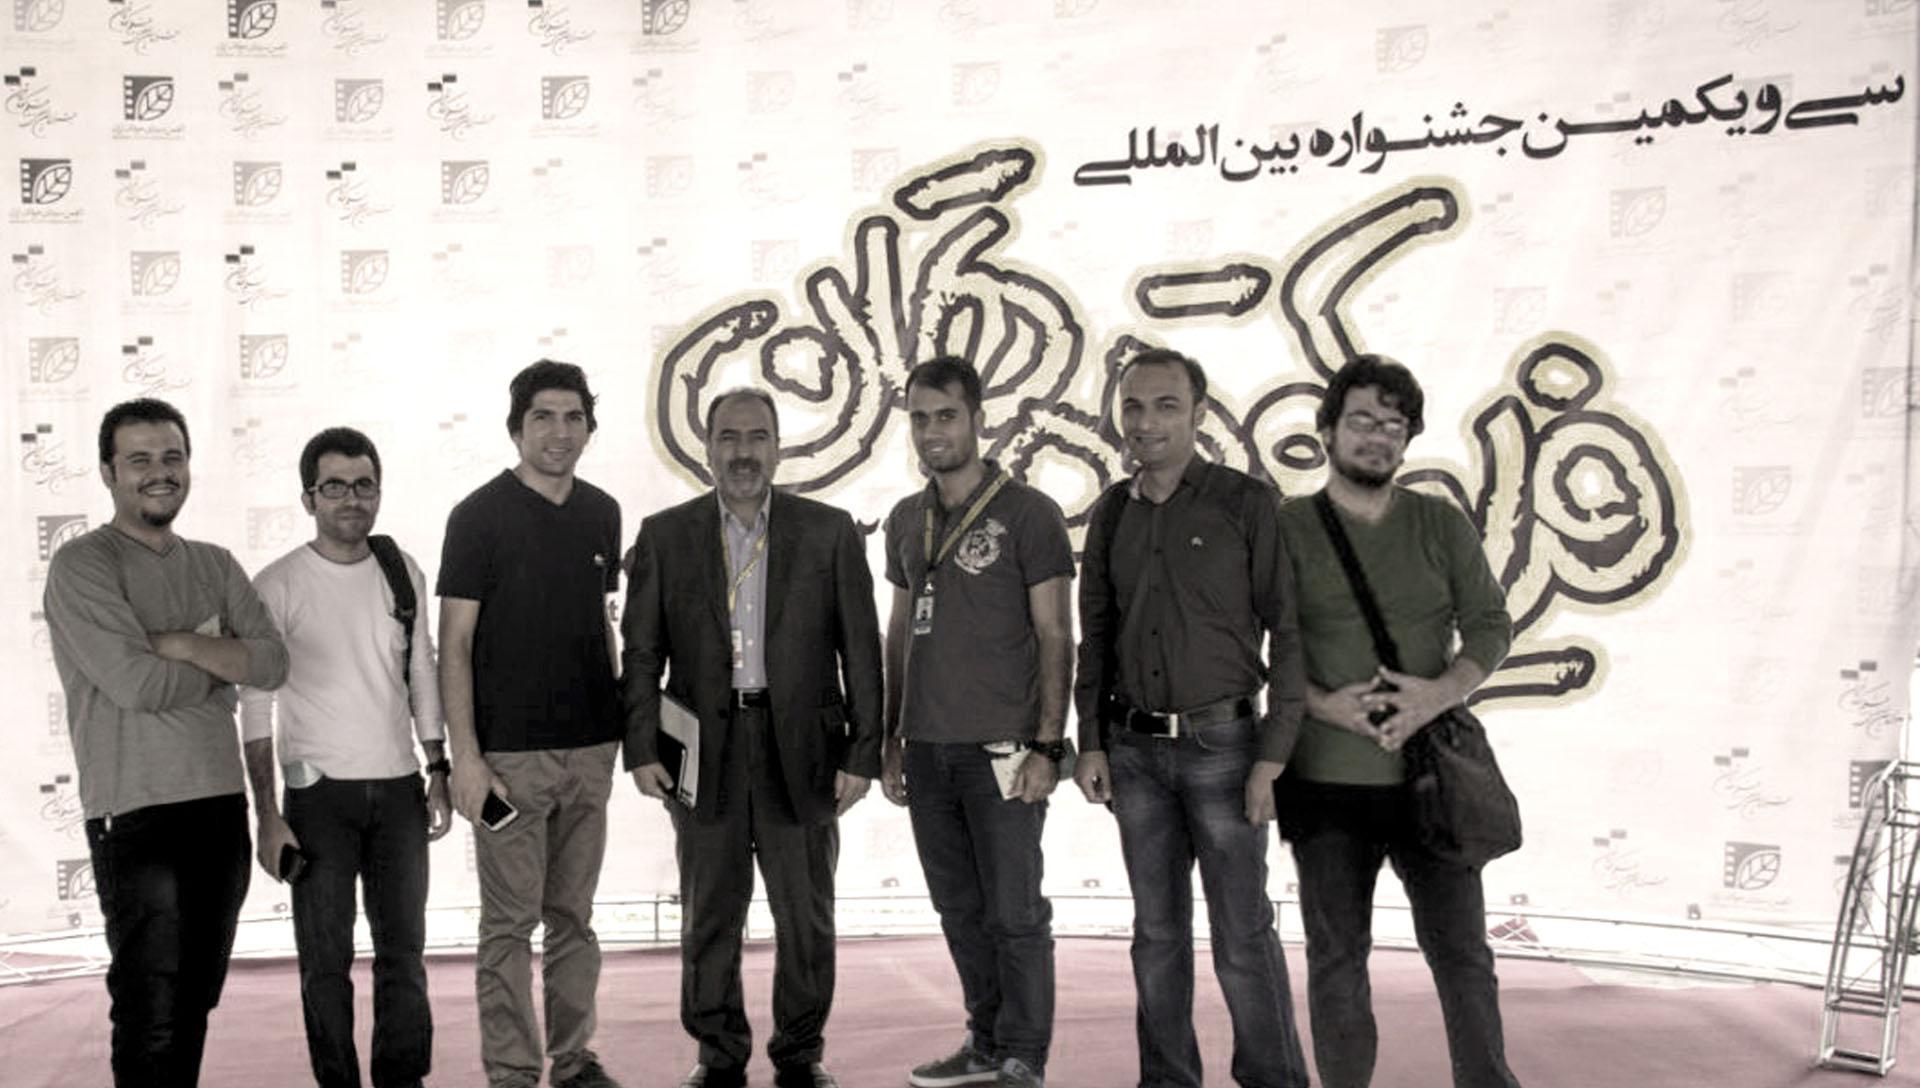 جشنواره فیلم کوتاه تهران- شرکت فیلم سازی زوم شیراز برادران شریفی